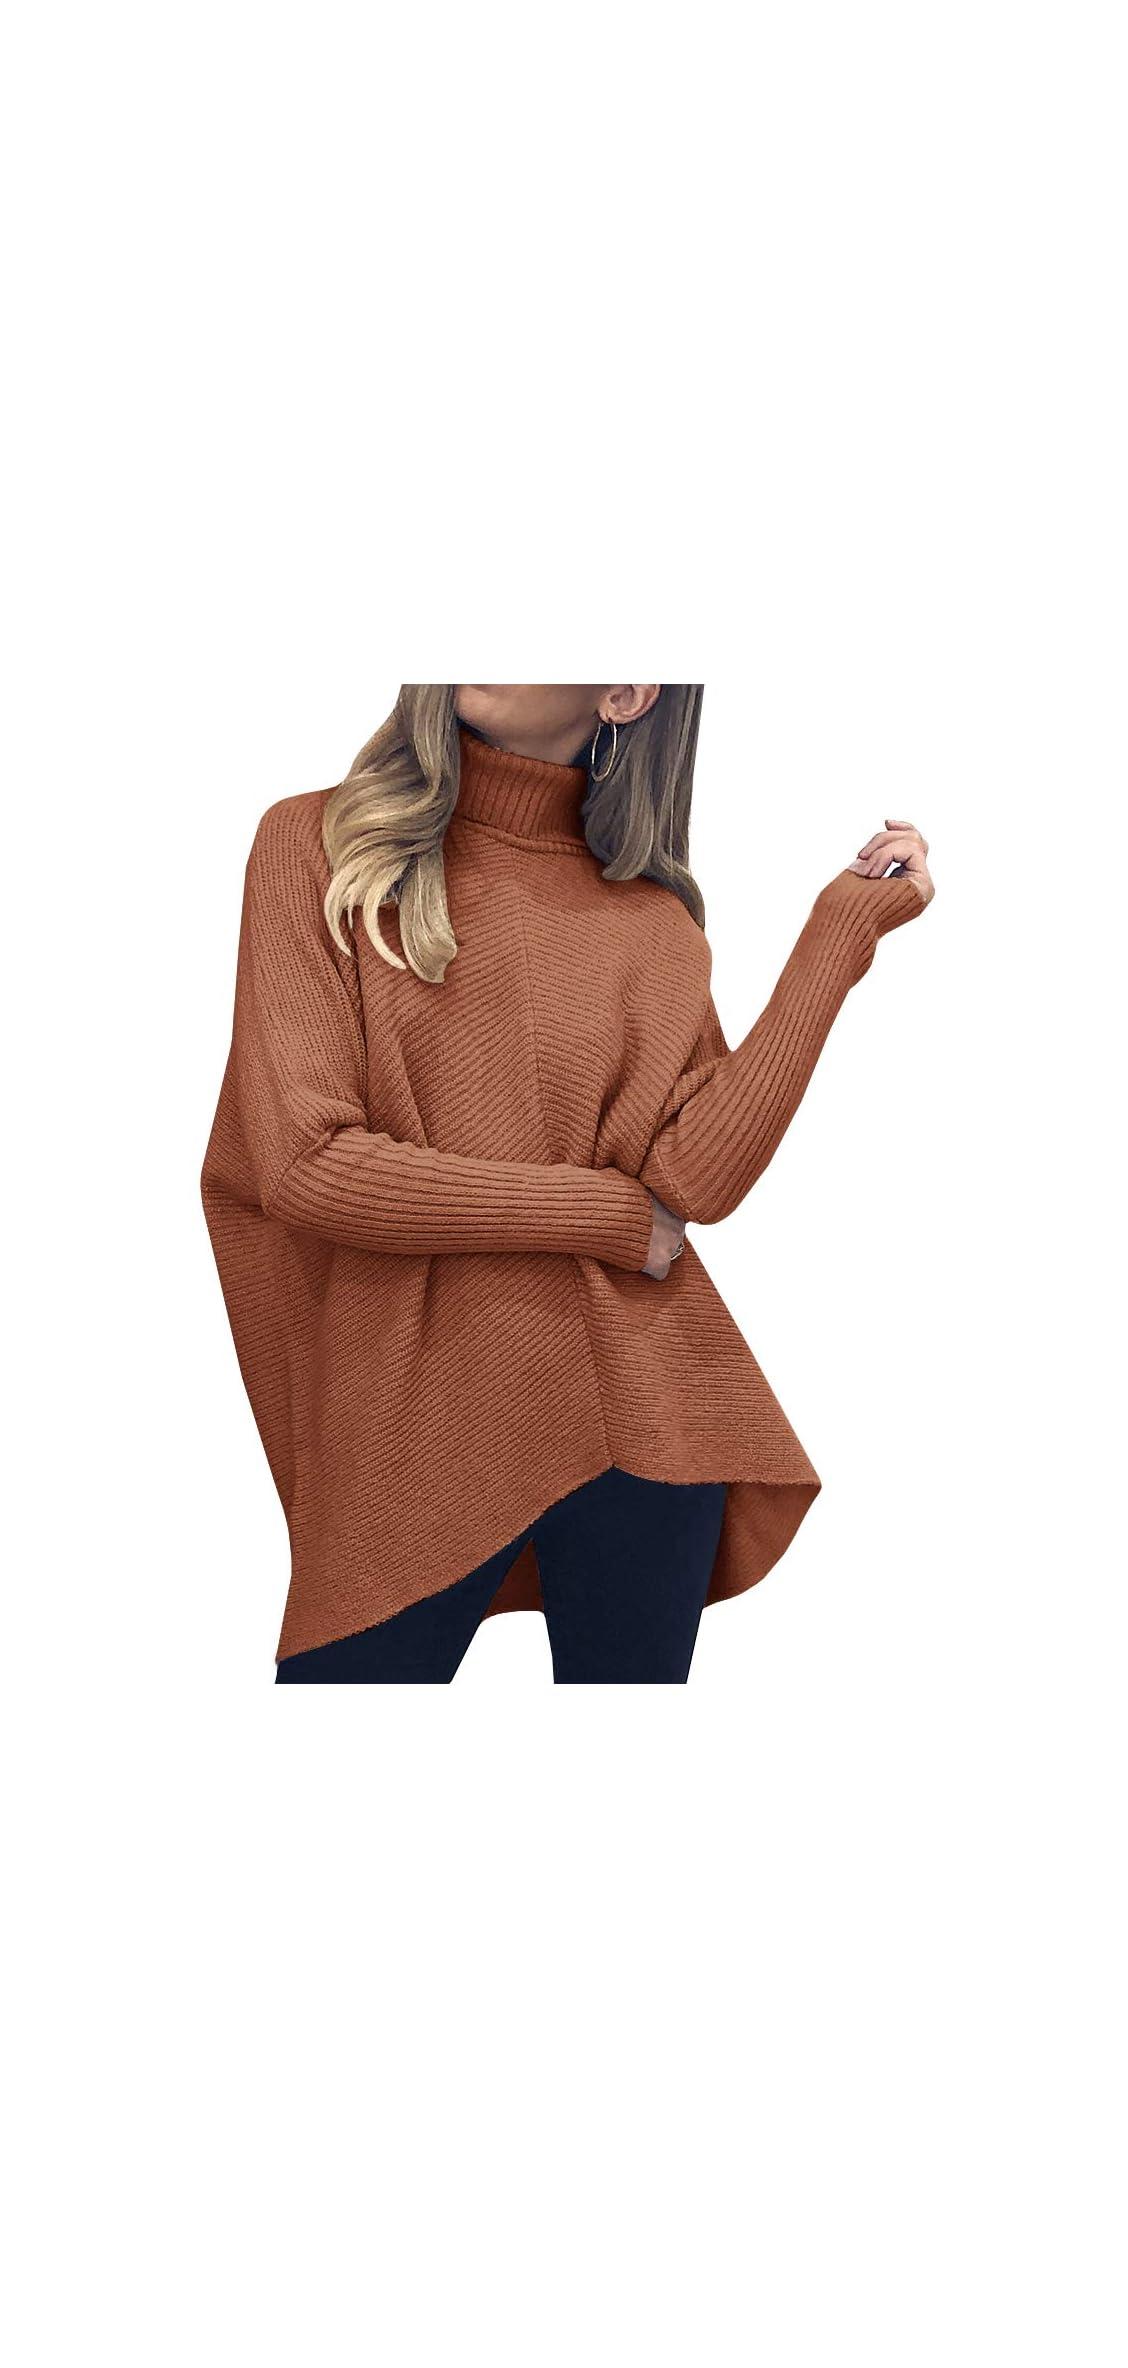 Womens Turtleneck Long Batwing Sleeve Sweater Hem Knit